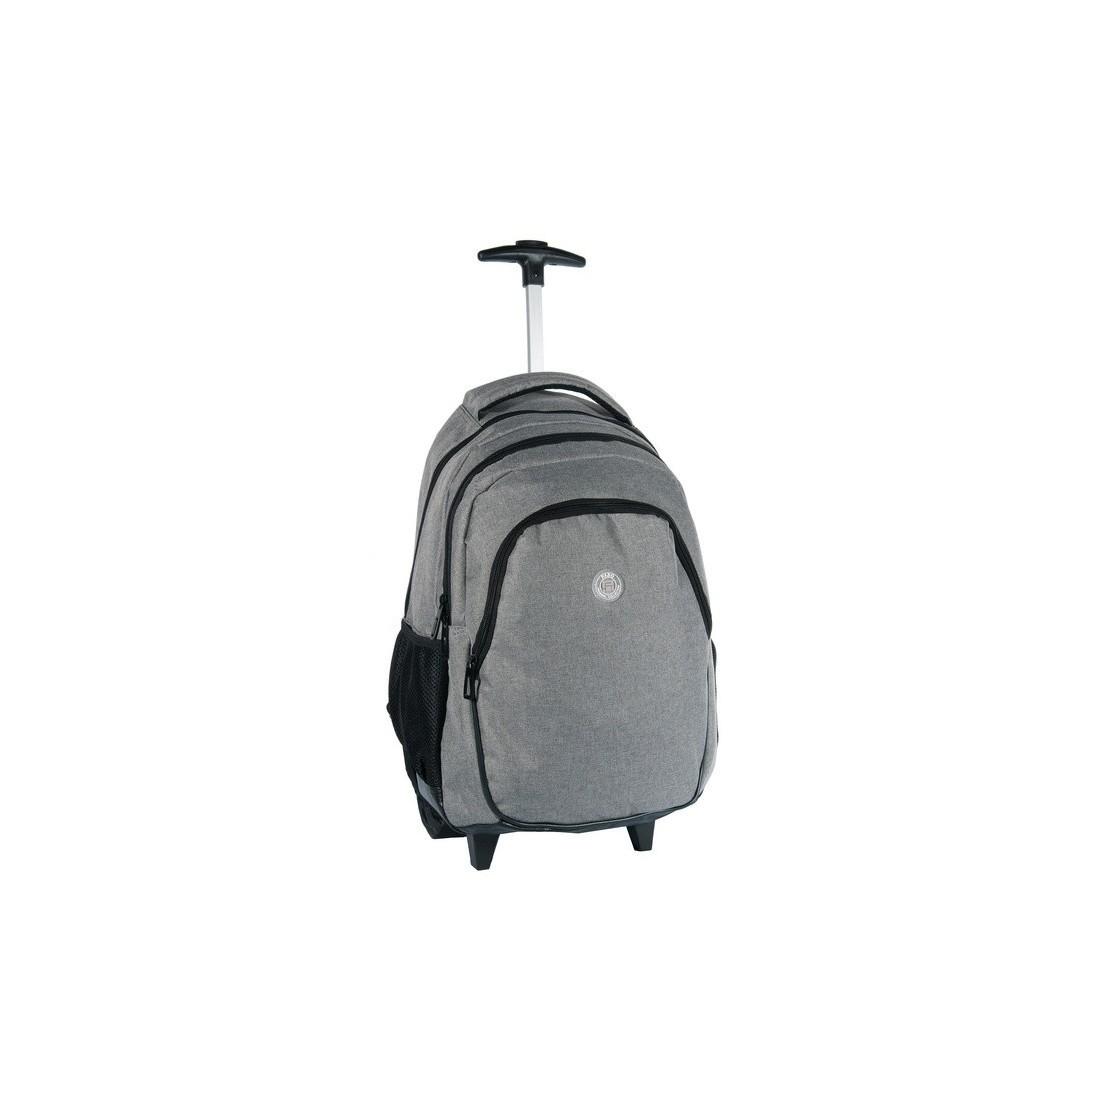 Plecak na kółkach młodzieżowy szary denim - plecak-tornister.pl